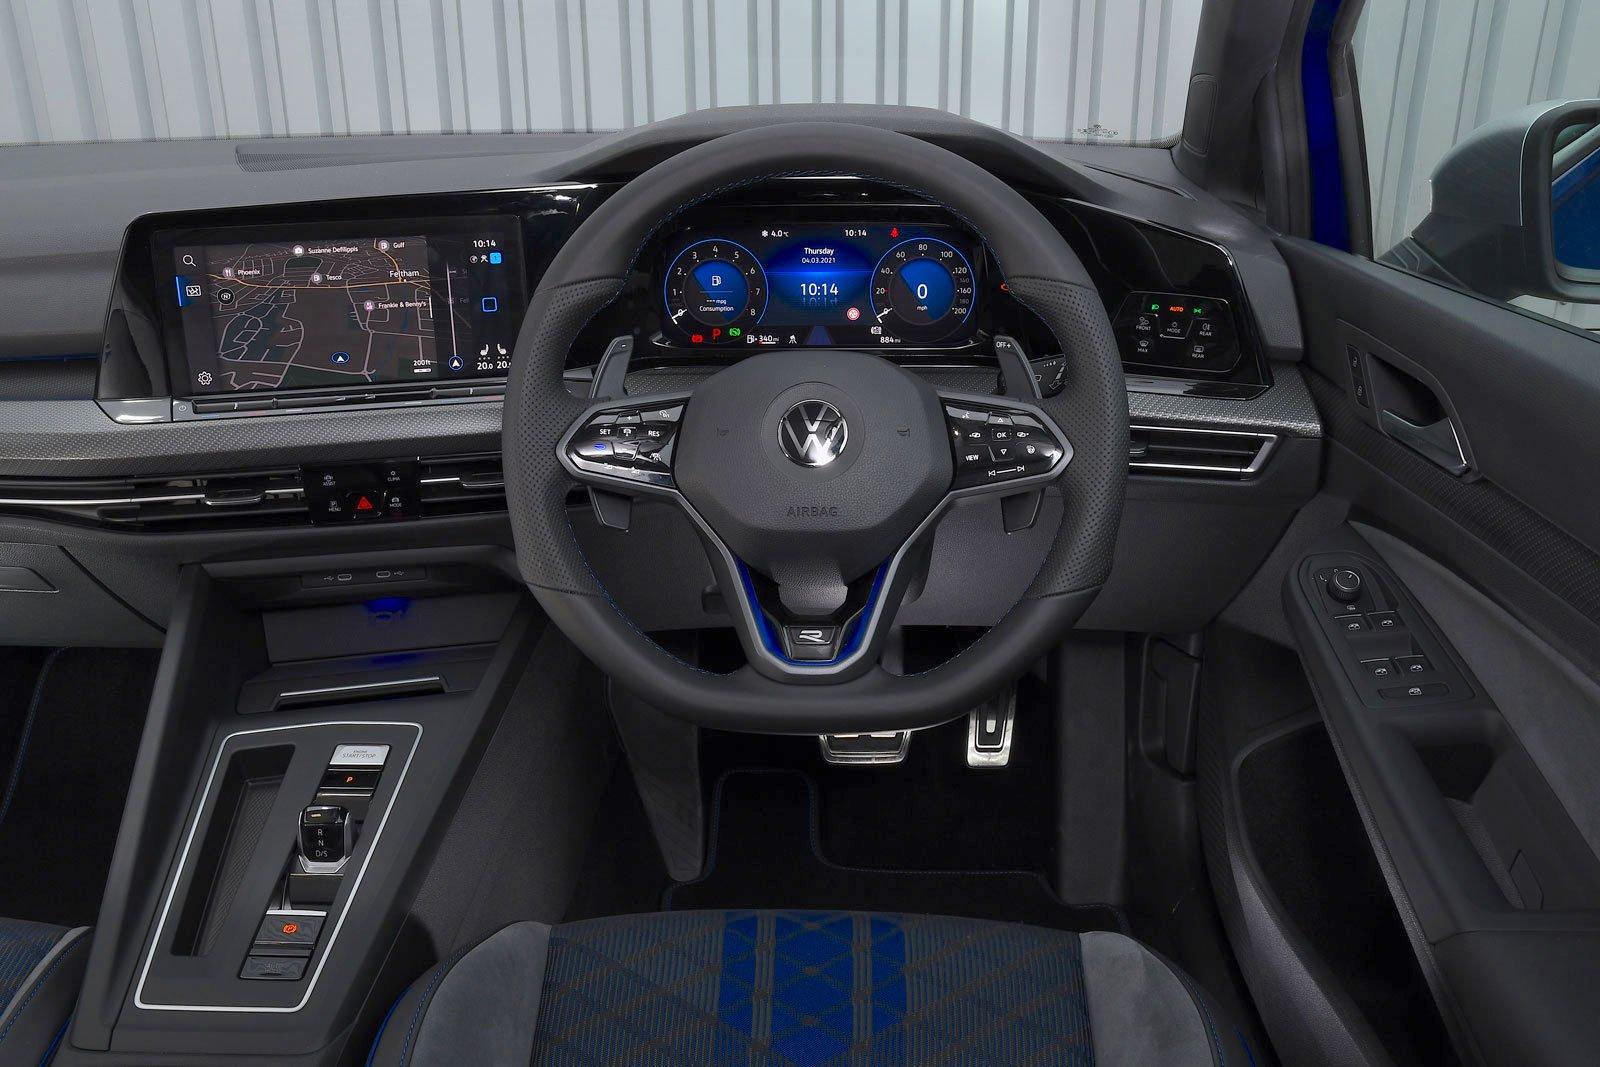 Volkswagen Golf R 2021 dashboard